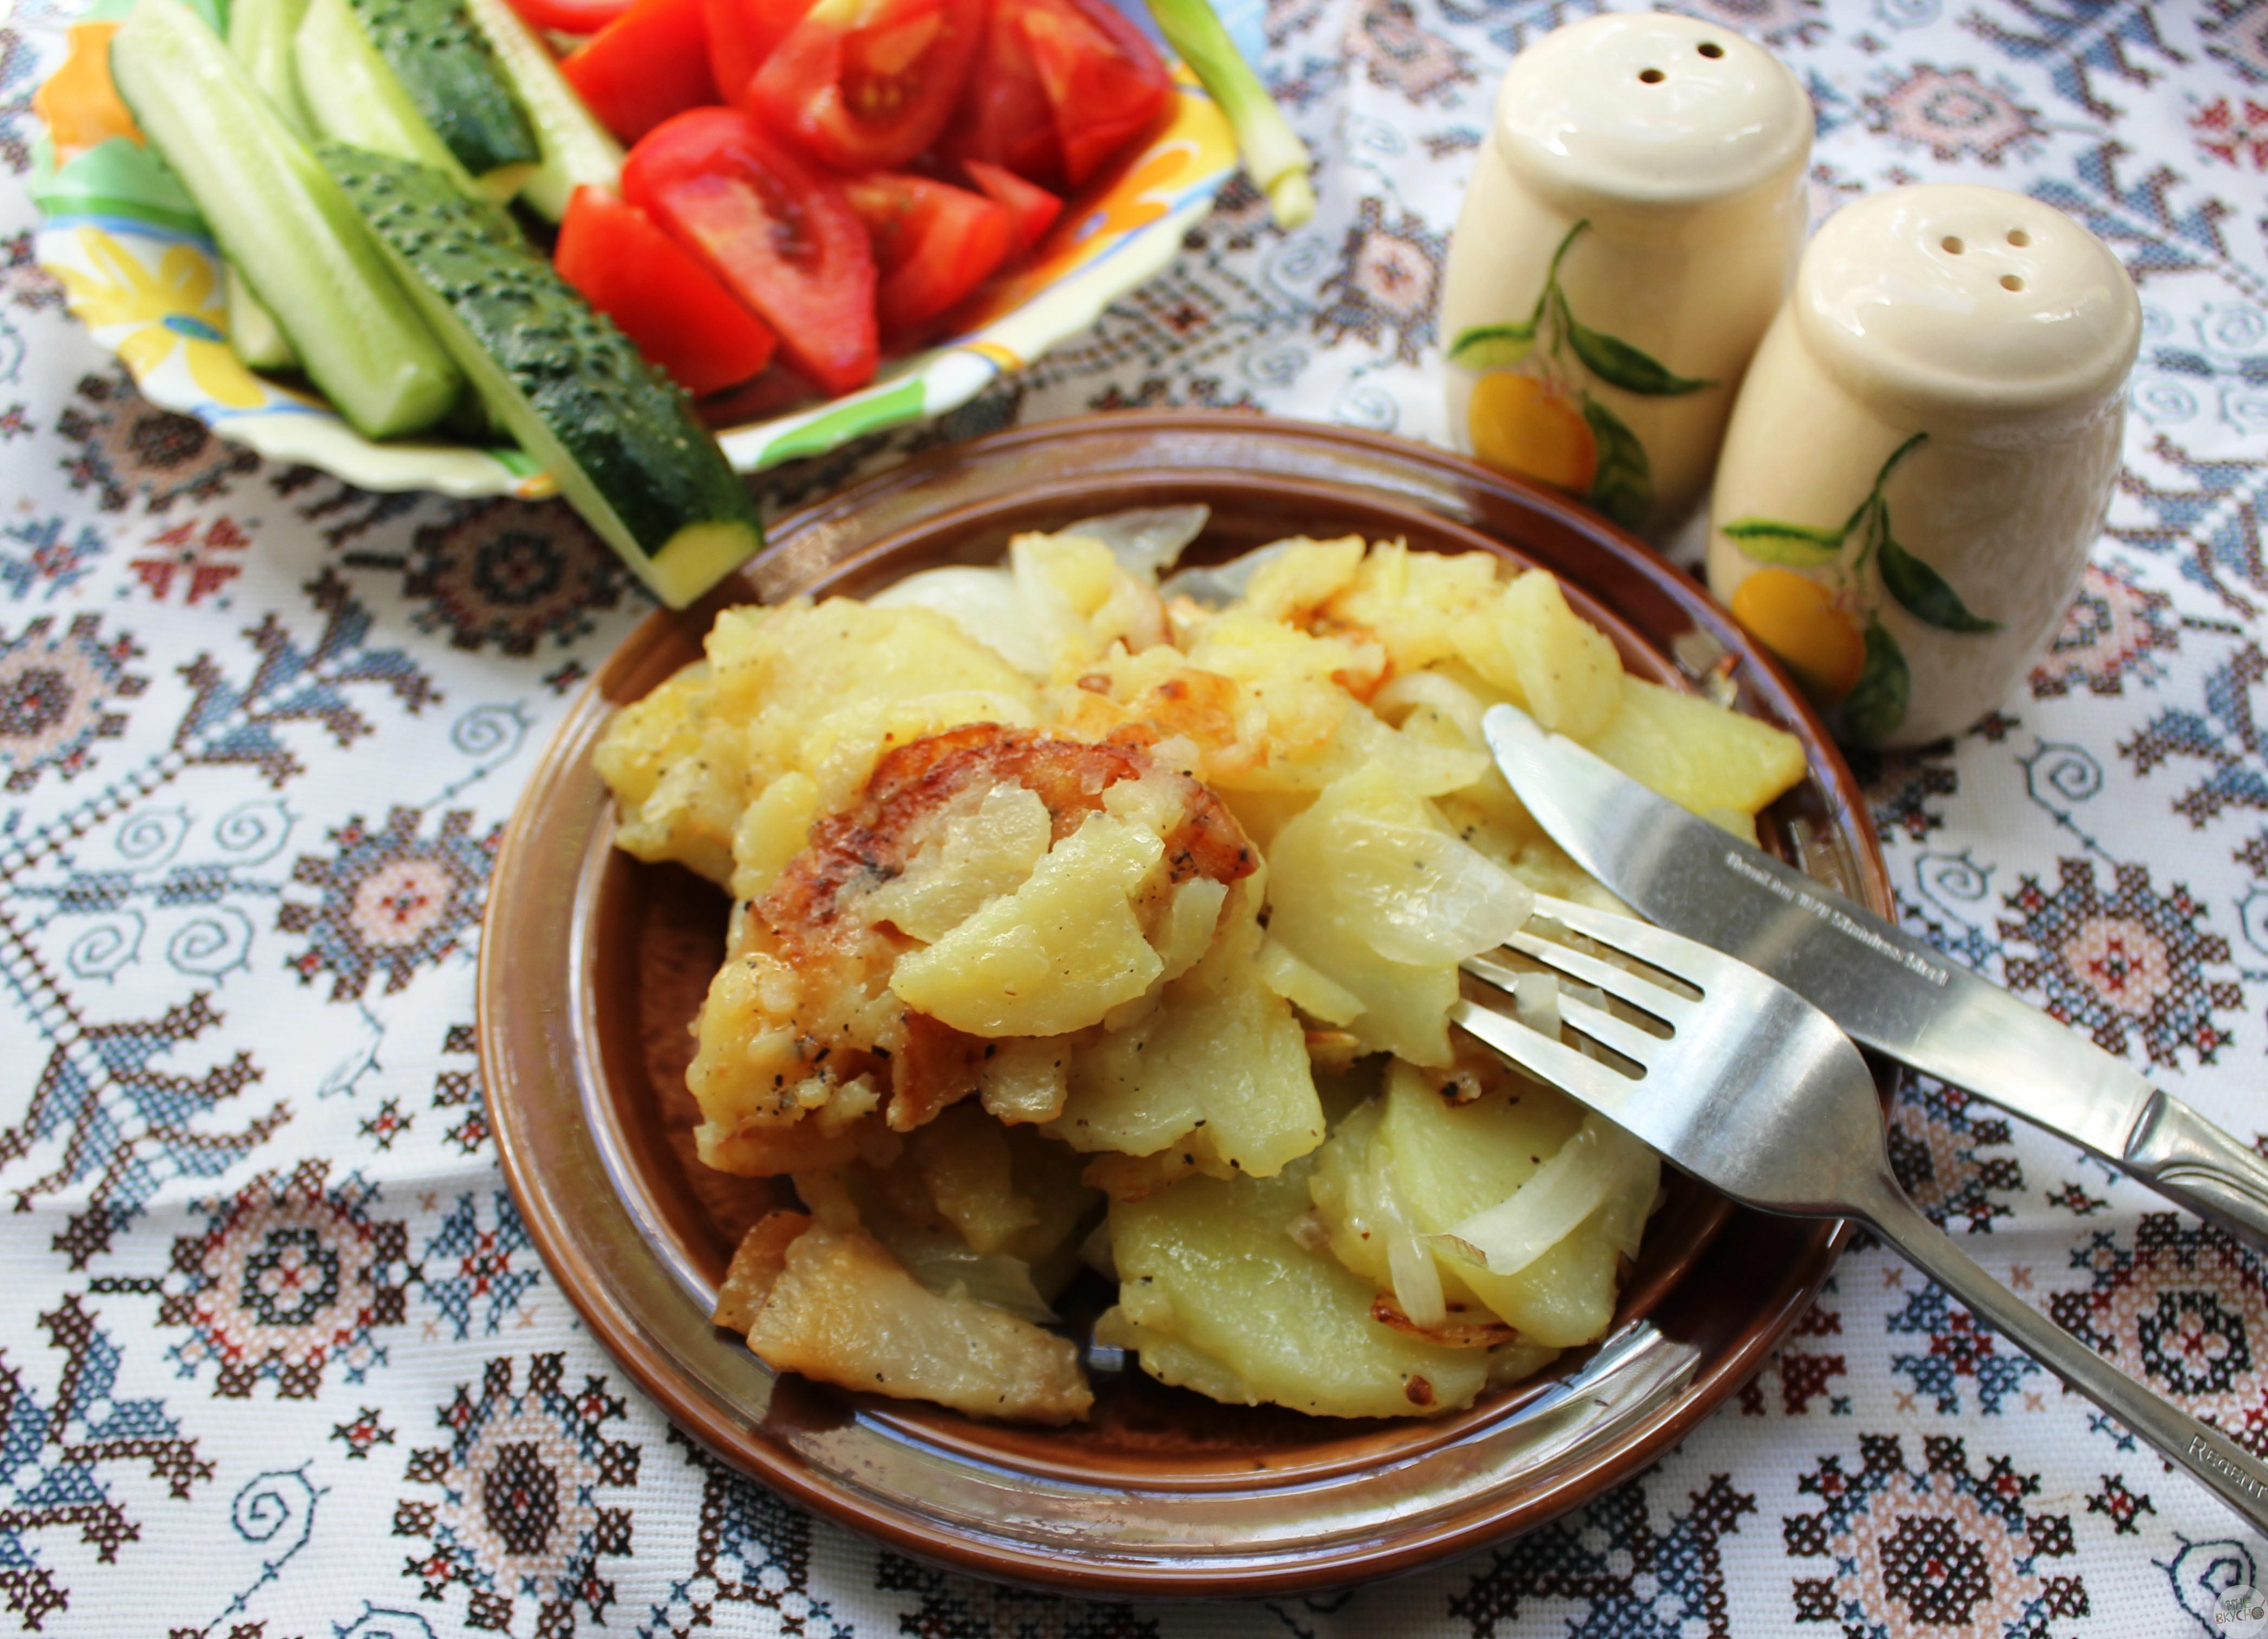 Как вкусно пожарить картошку с салом на сковороде - пошаговый рецепт с фото